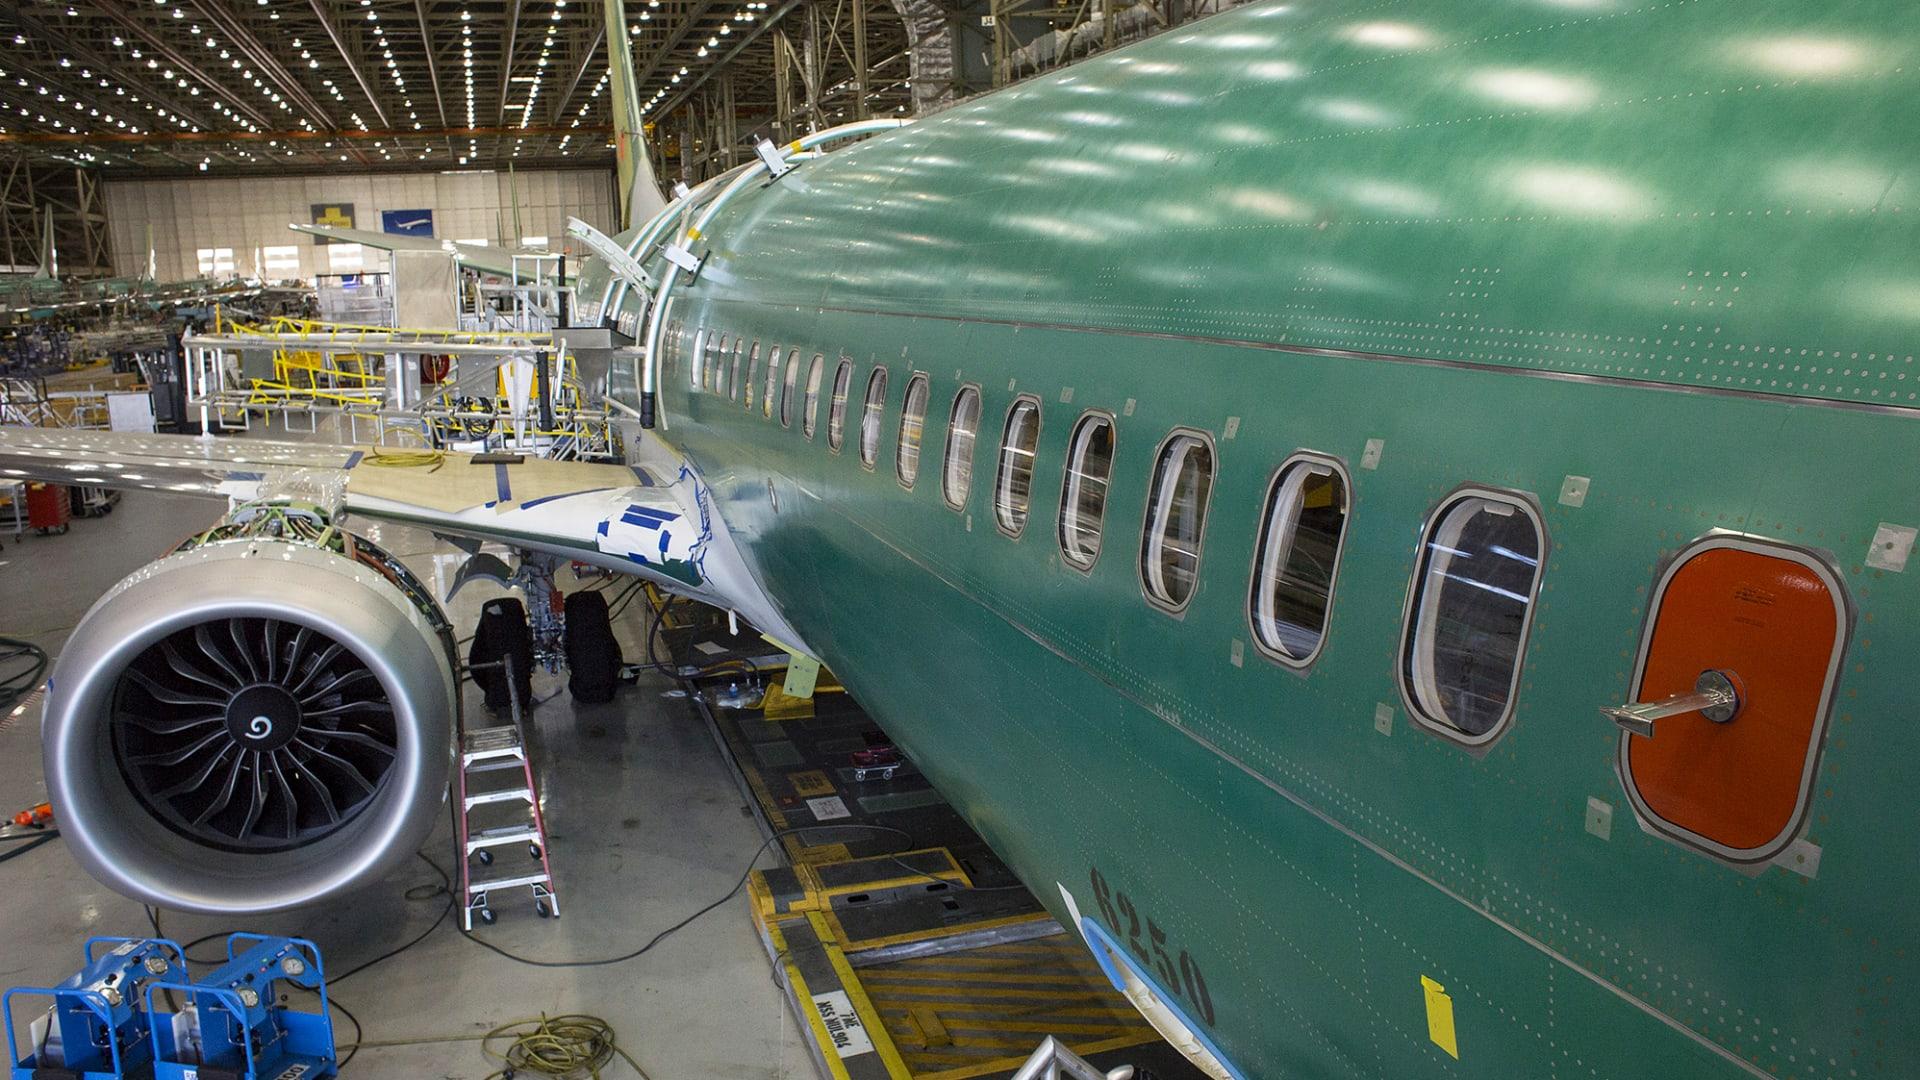 بوينغ ستدفع 2.5 مليار دولار لتسوية ملف طائرة 737 ماكس